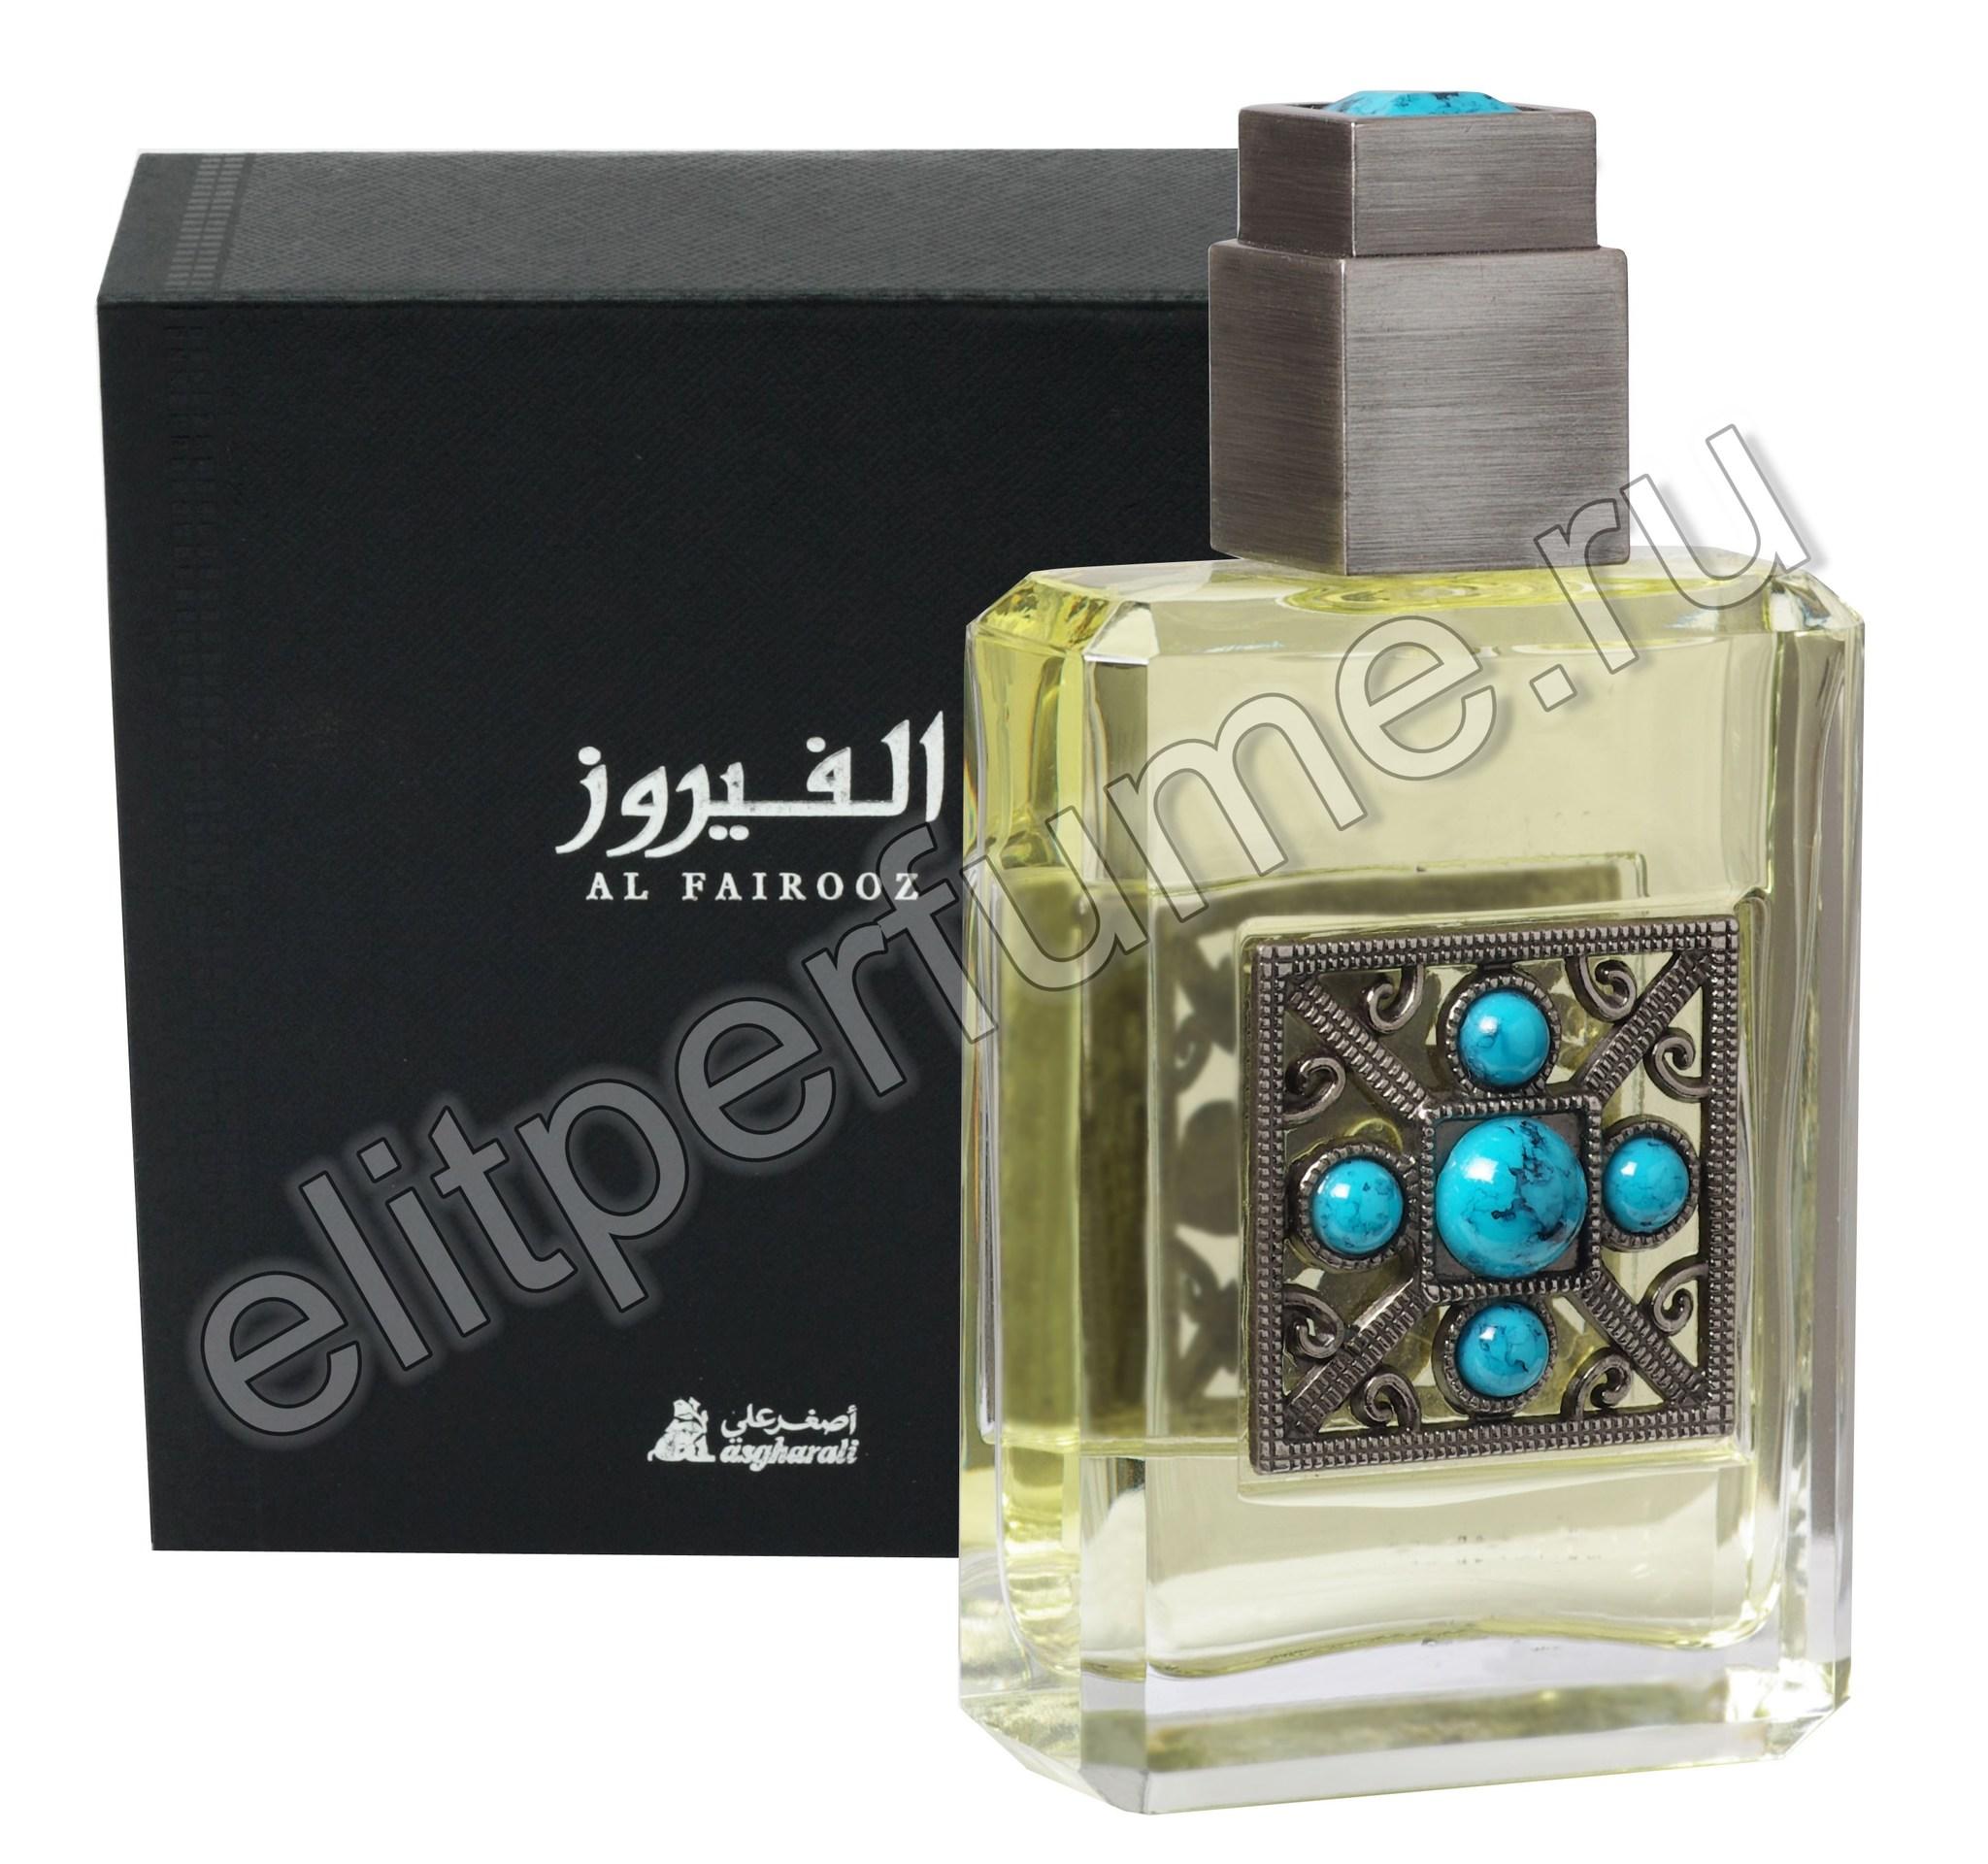 Al Fairooz  Аль Фэйруз 45 мл спрей от Ашгарали Asgharali